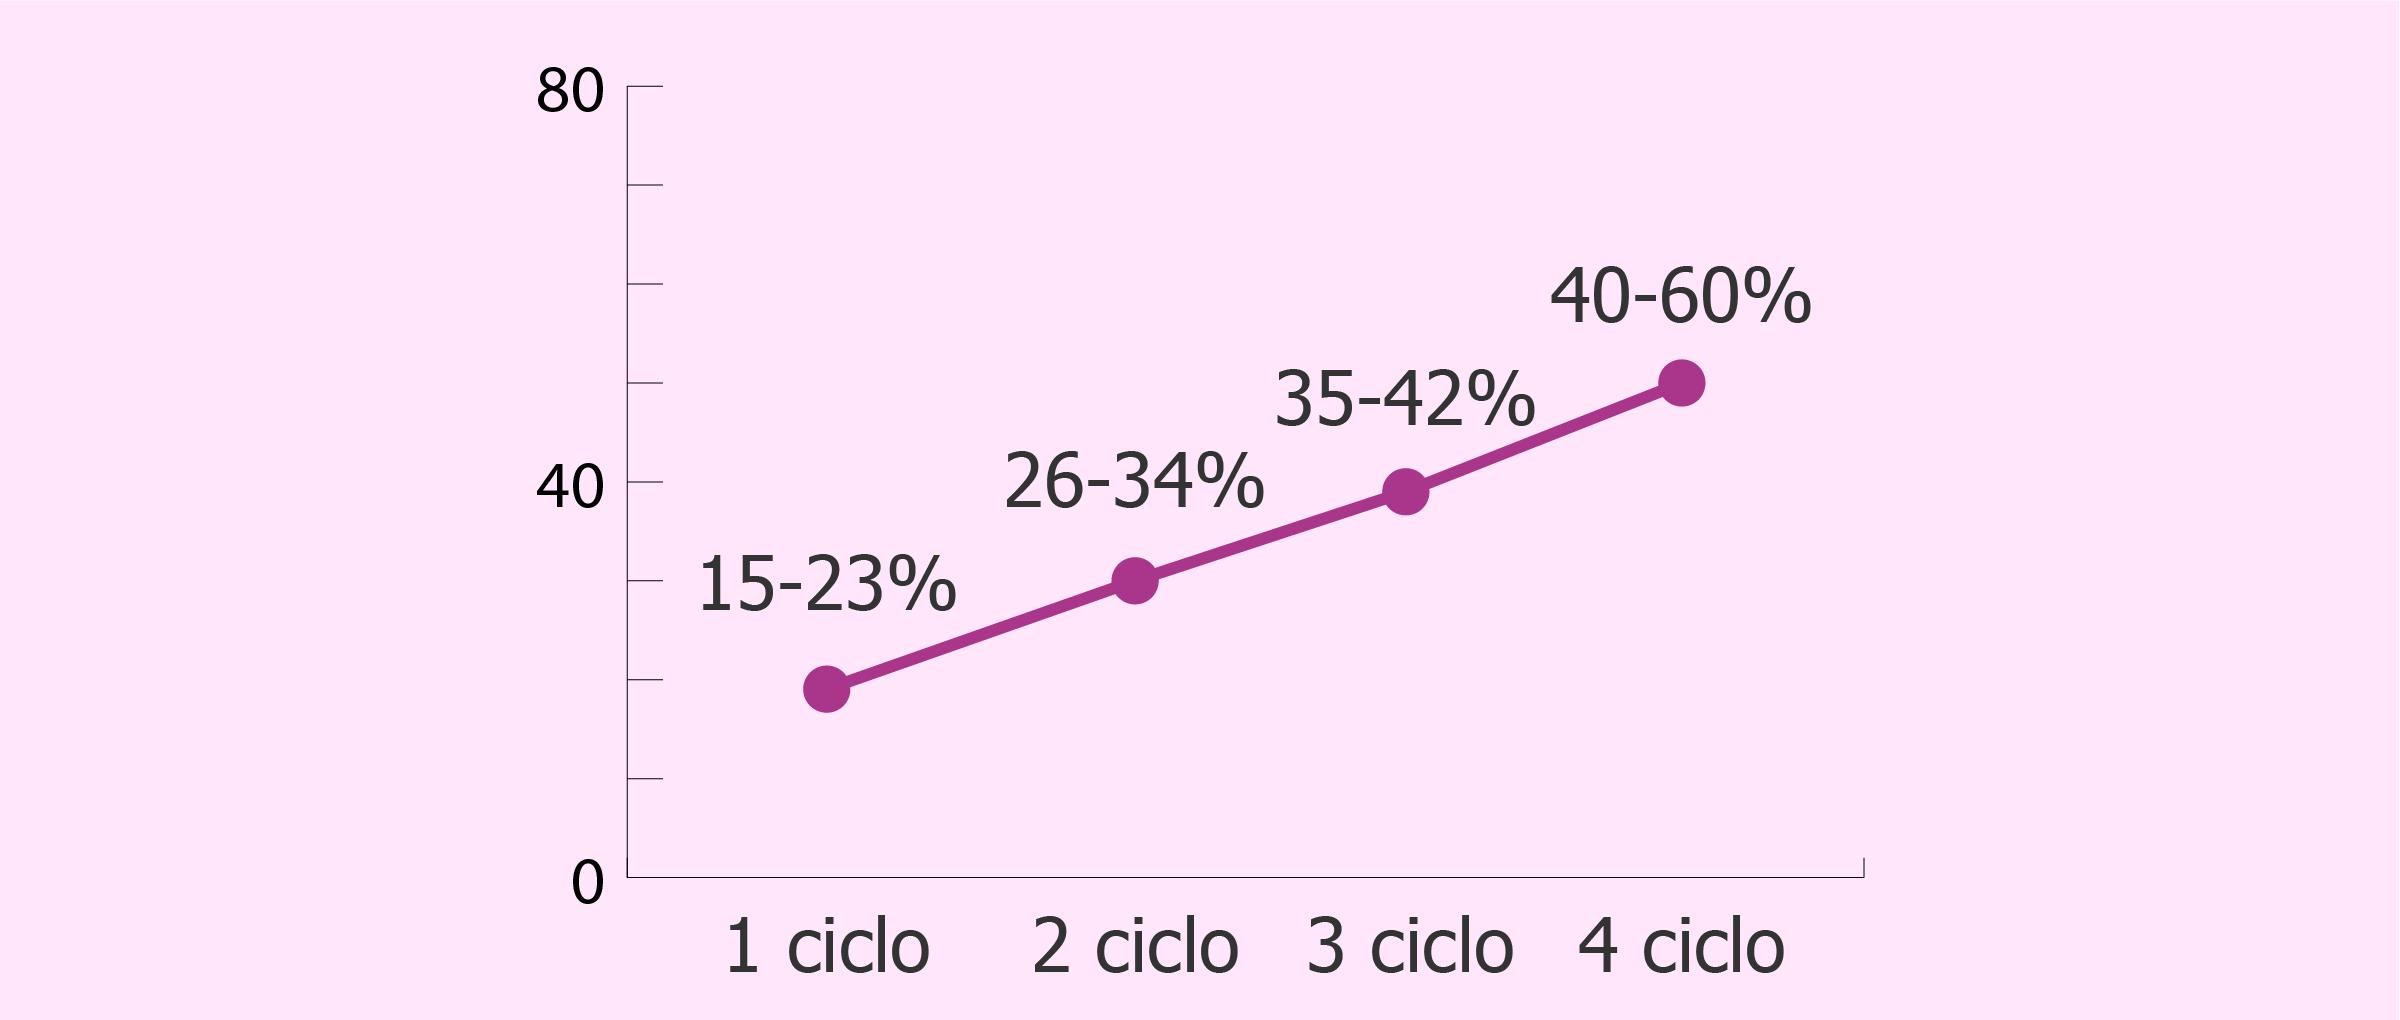 Probabilidad de embarazo tras cuatro intentos de IAC